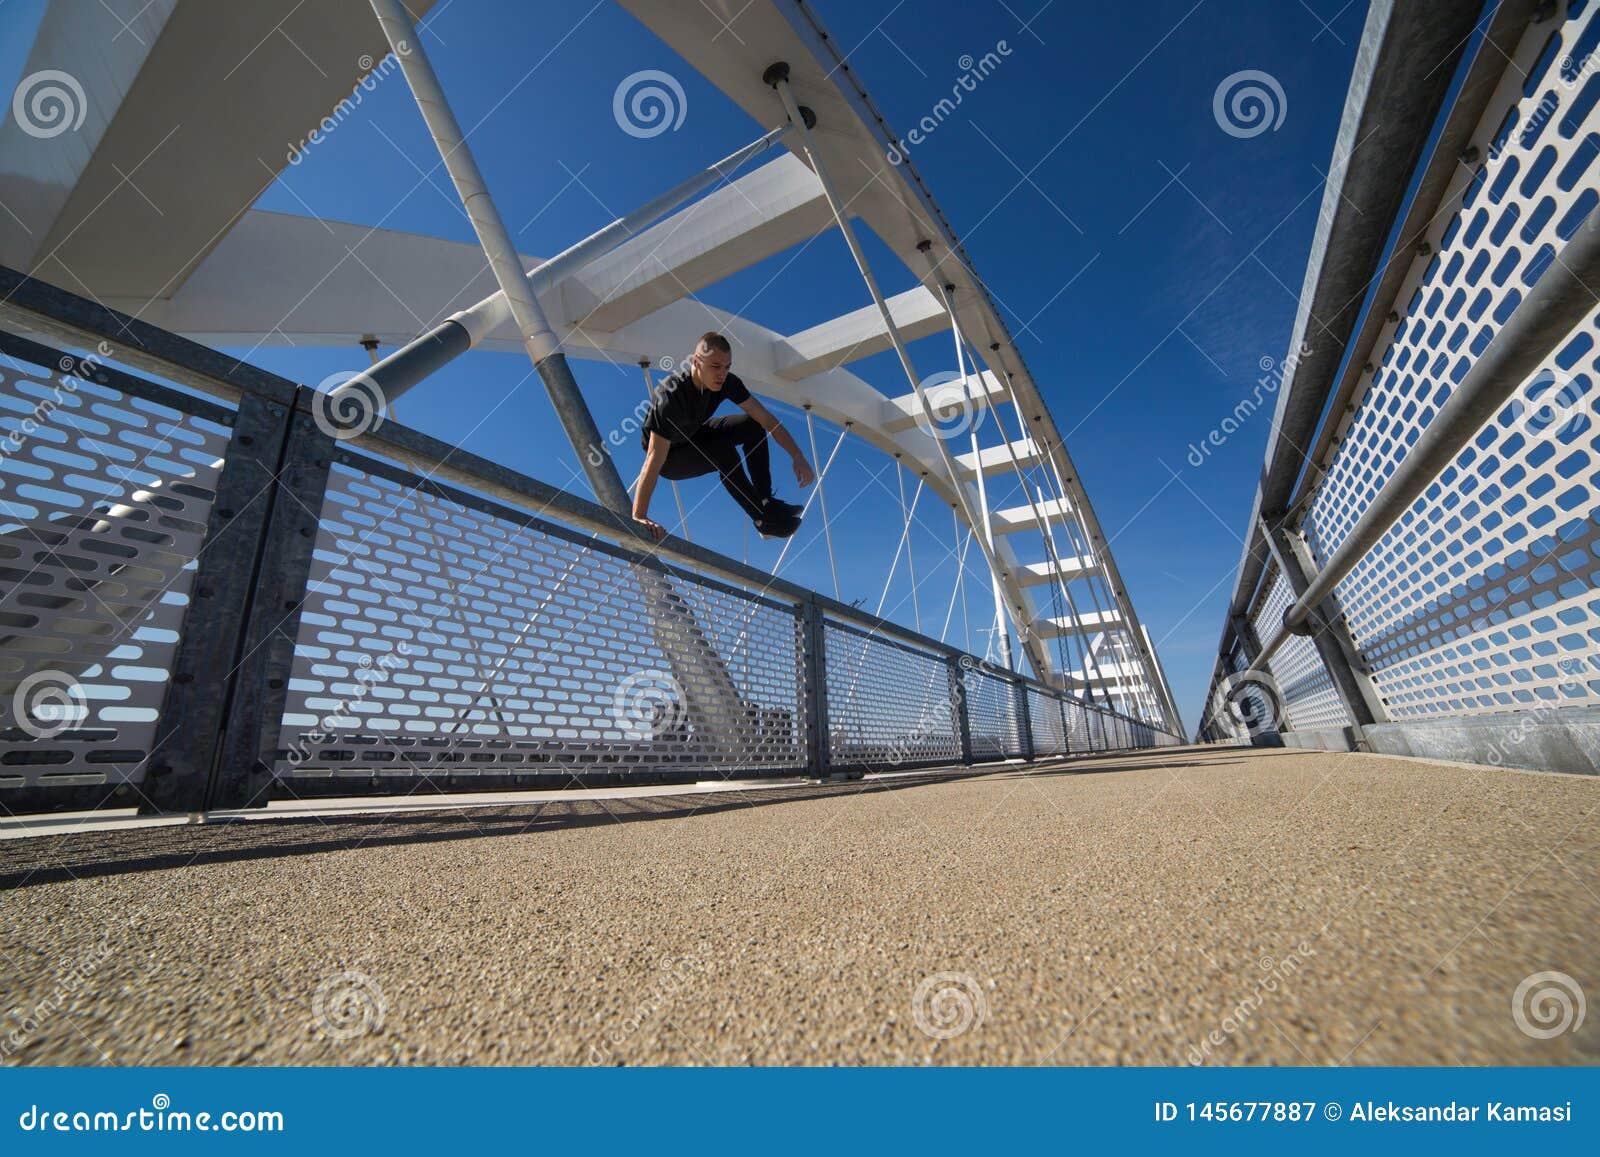 Jonge Atleet Practicing Outdoor